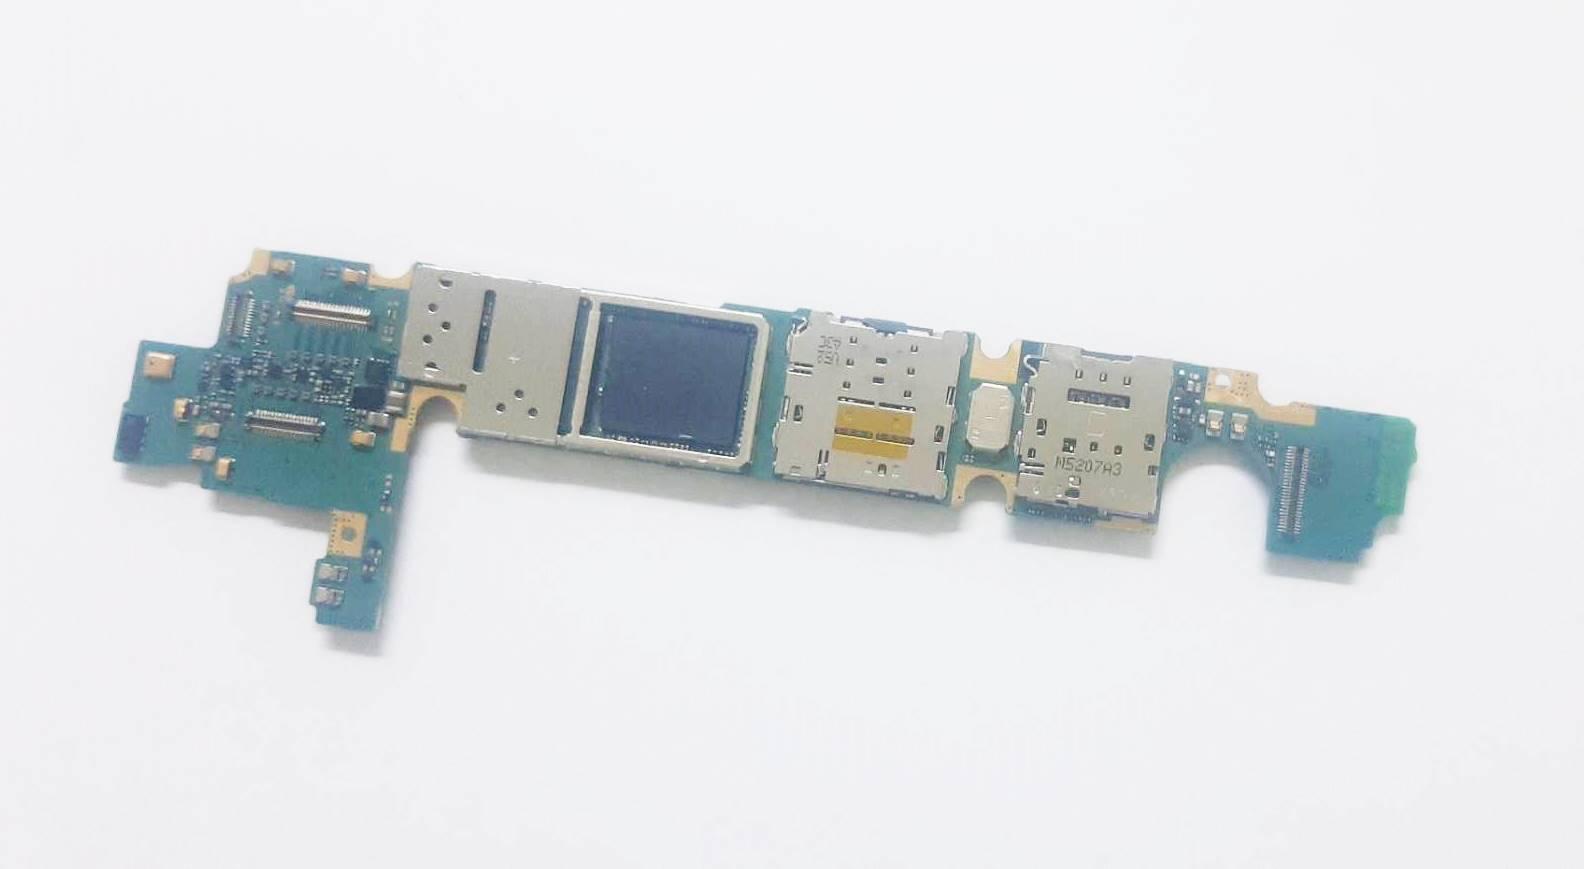 เมนบอร์ด Mainboard SAMSUNG E7 / E700 มือสอง